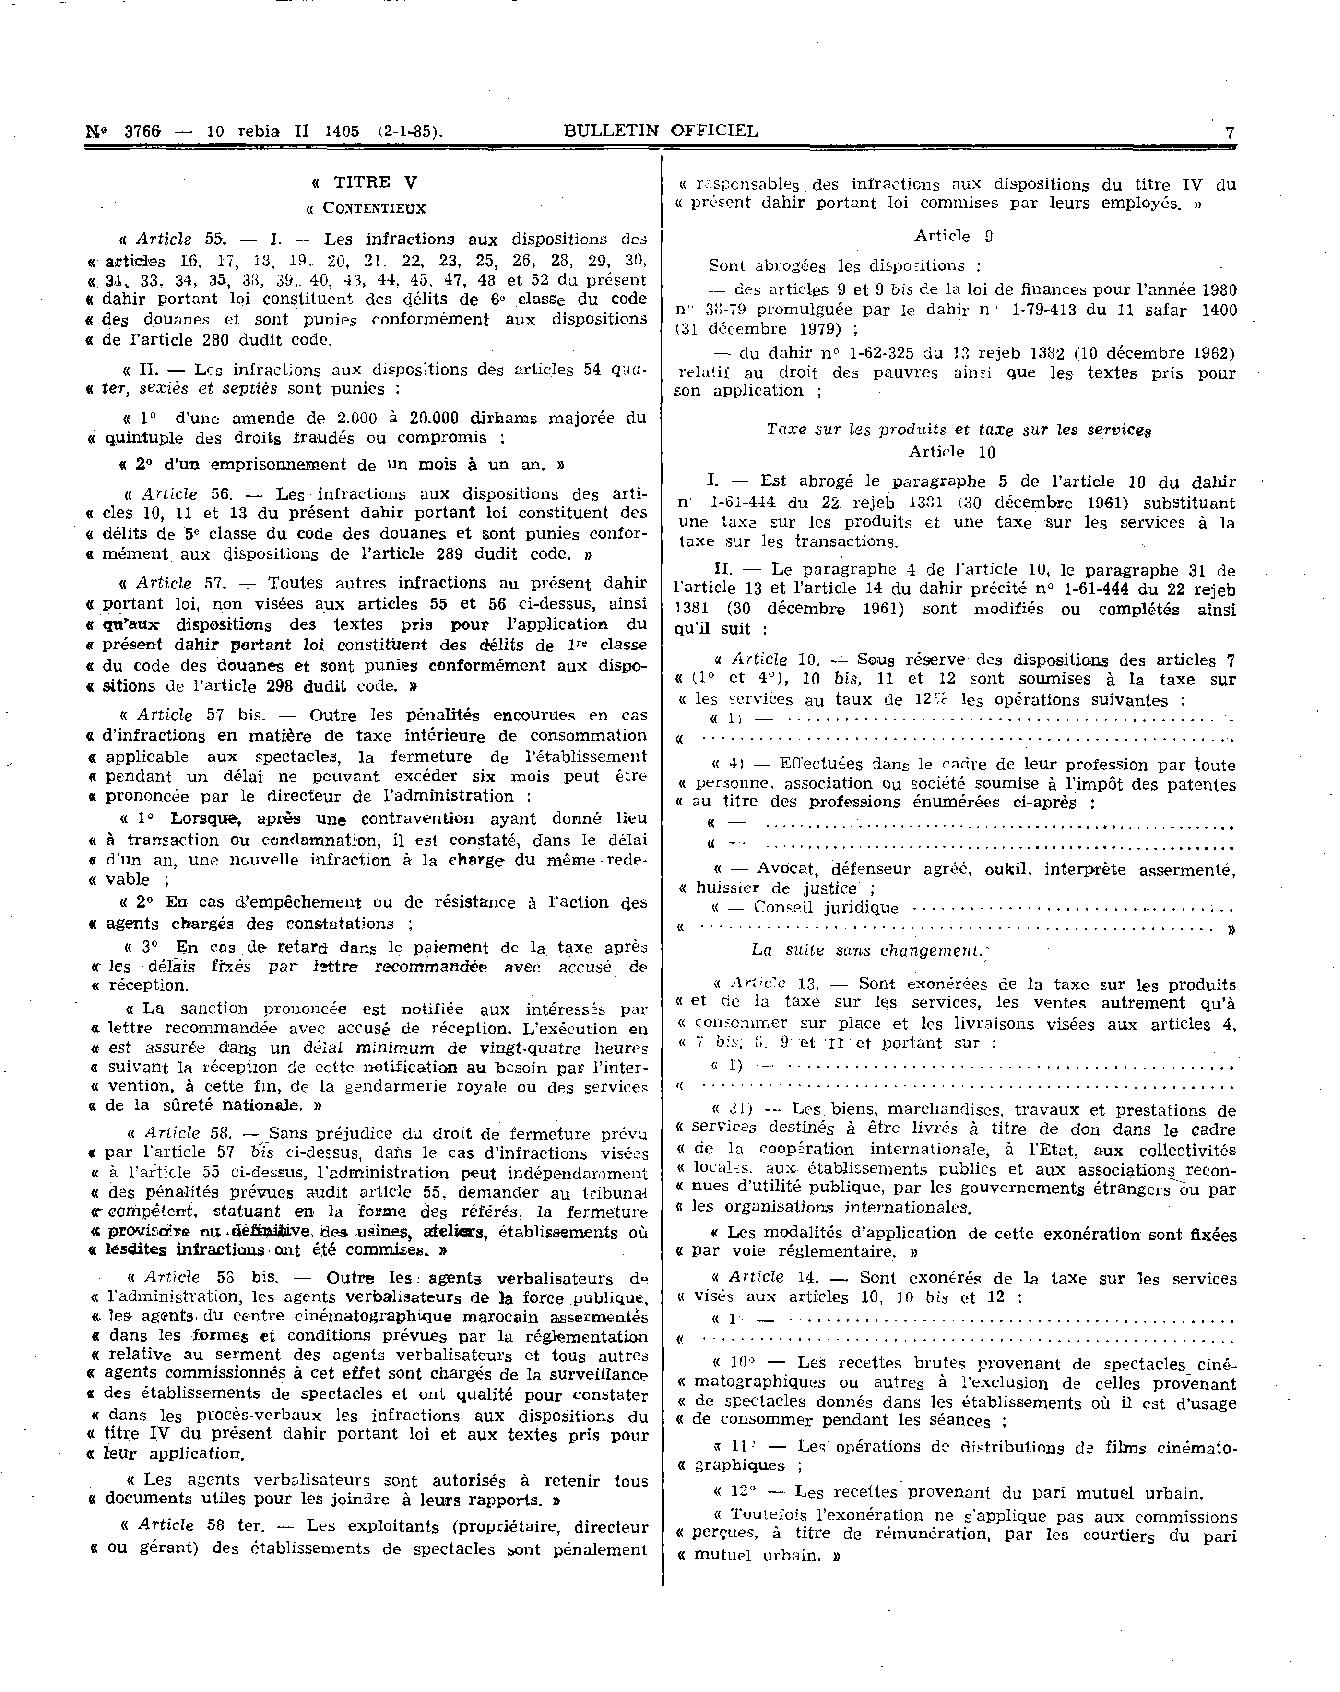 les-prix-maxima-des-acte-et-service-medicaux-dans-le-secteur-prive-007